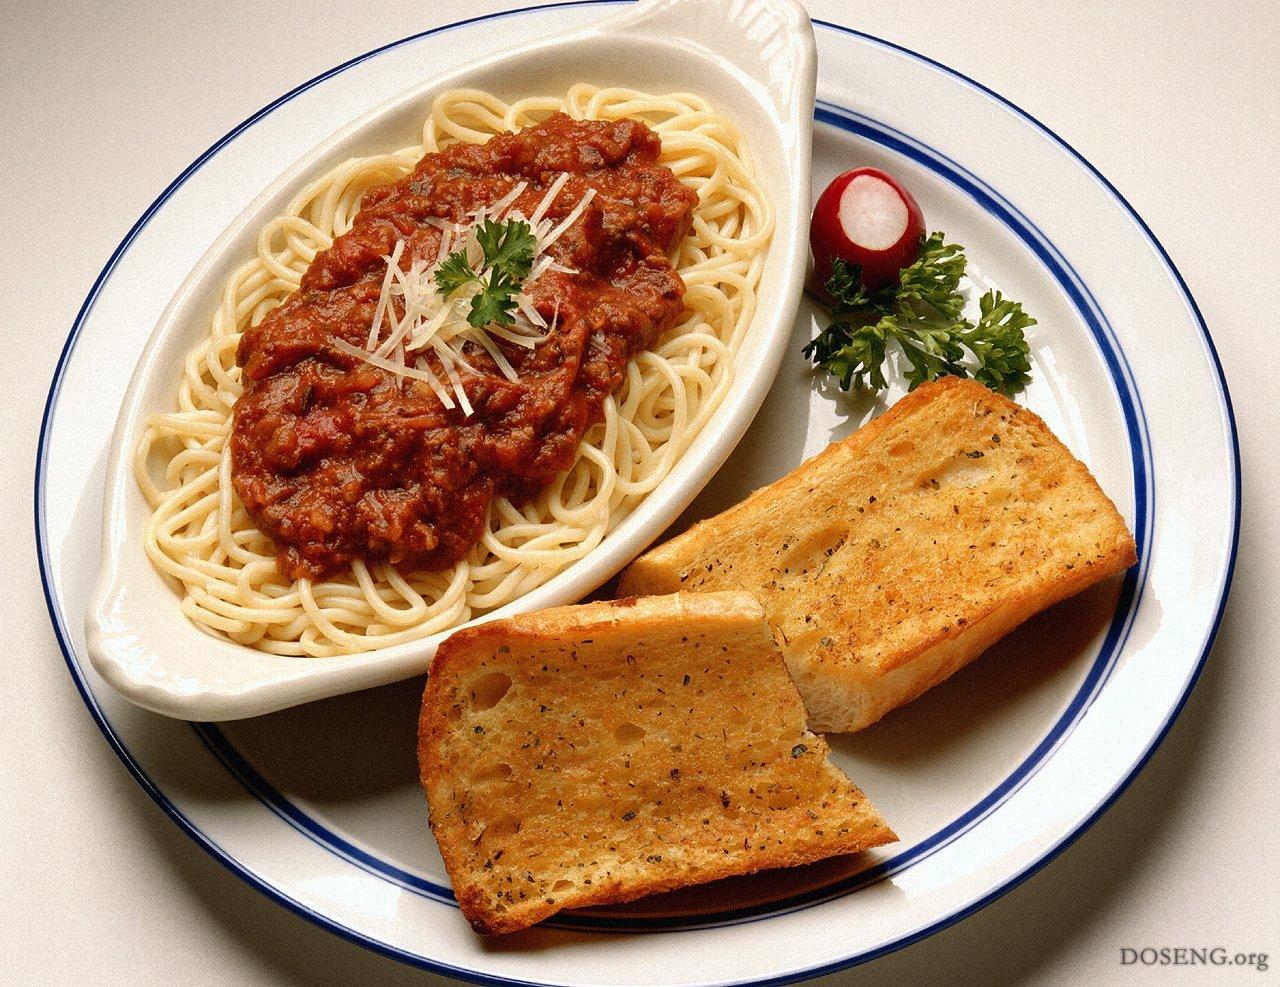 секреты приготовления.  Чем мельче нарезаны овощи, тем легче и быстрее они растворятся в соусе. болоньезе существуют.